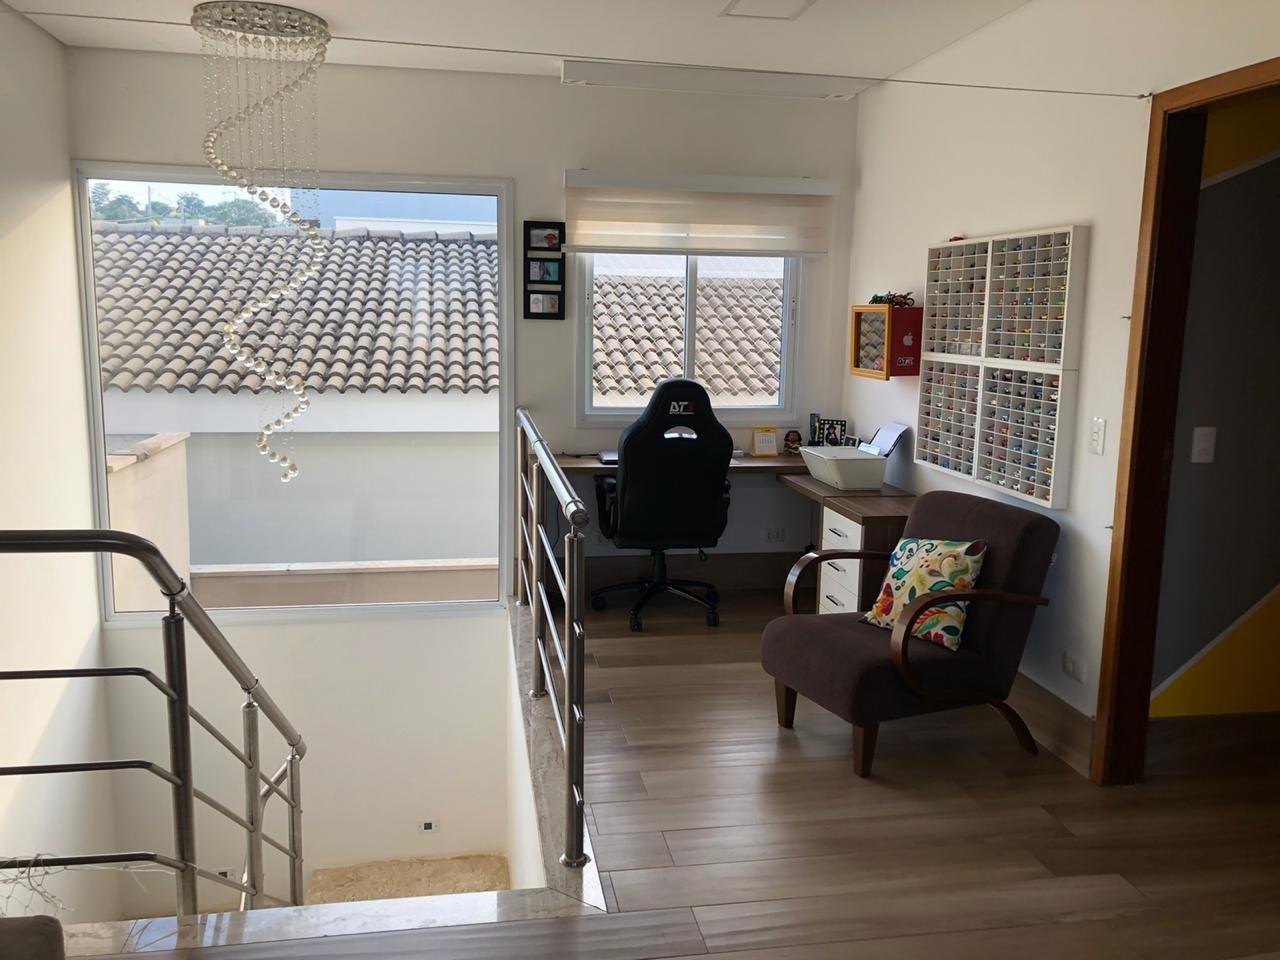 Casa em Condomínio para comprar, 3 quartos, 3 suítes, 4 vagas, no bairro Residencial Villa D'Itália em Piracicaba - SP